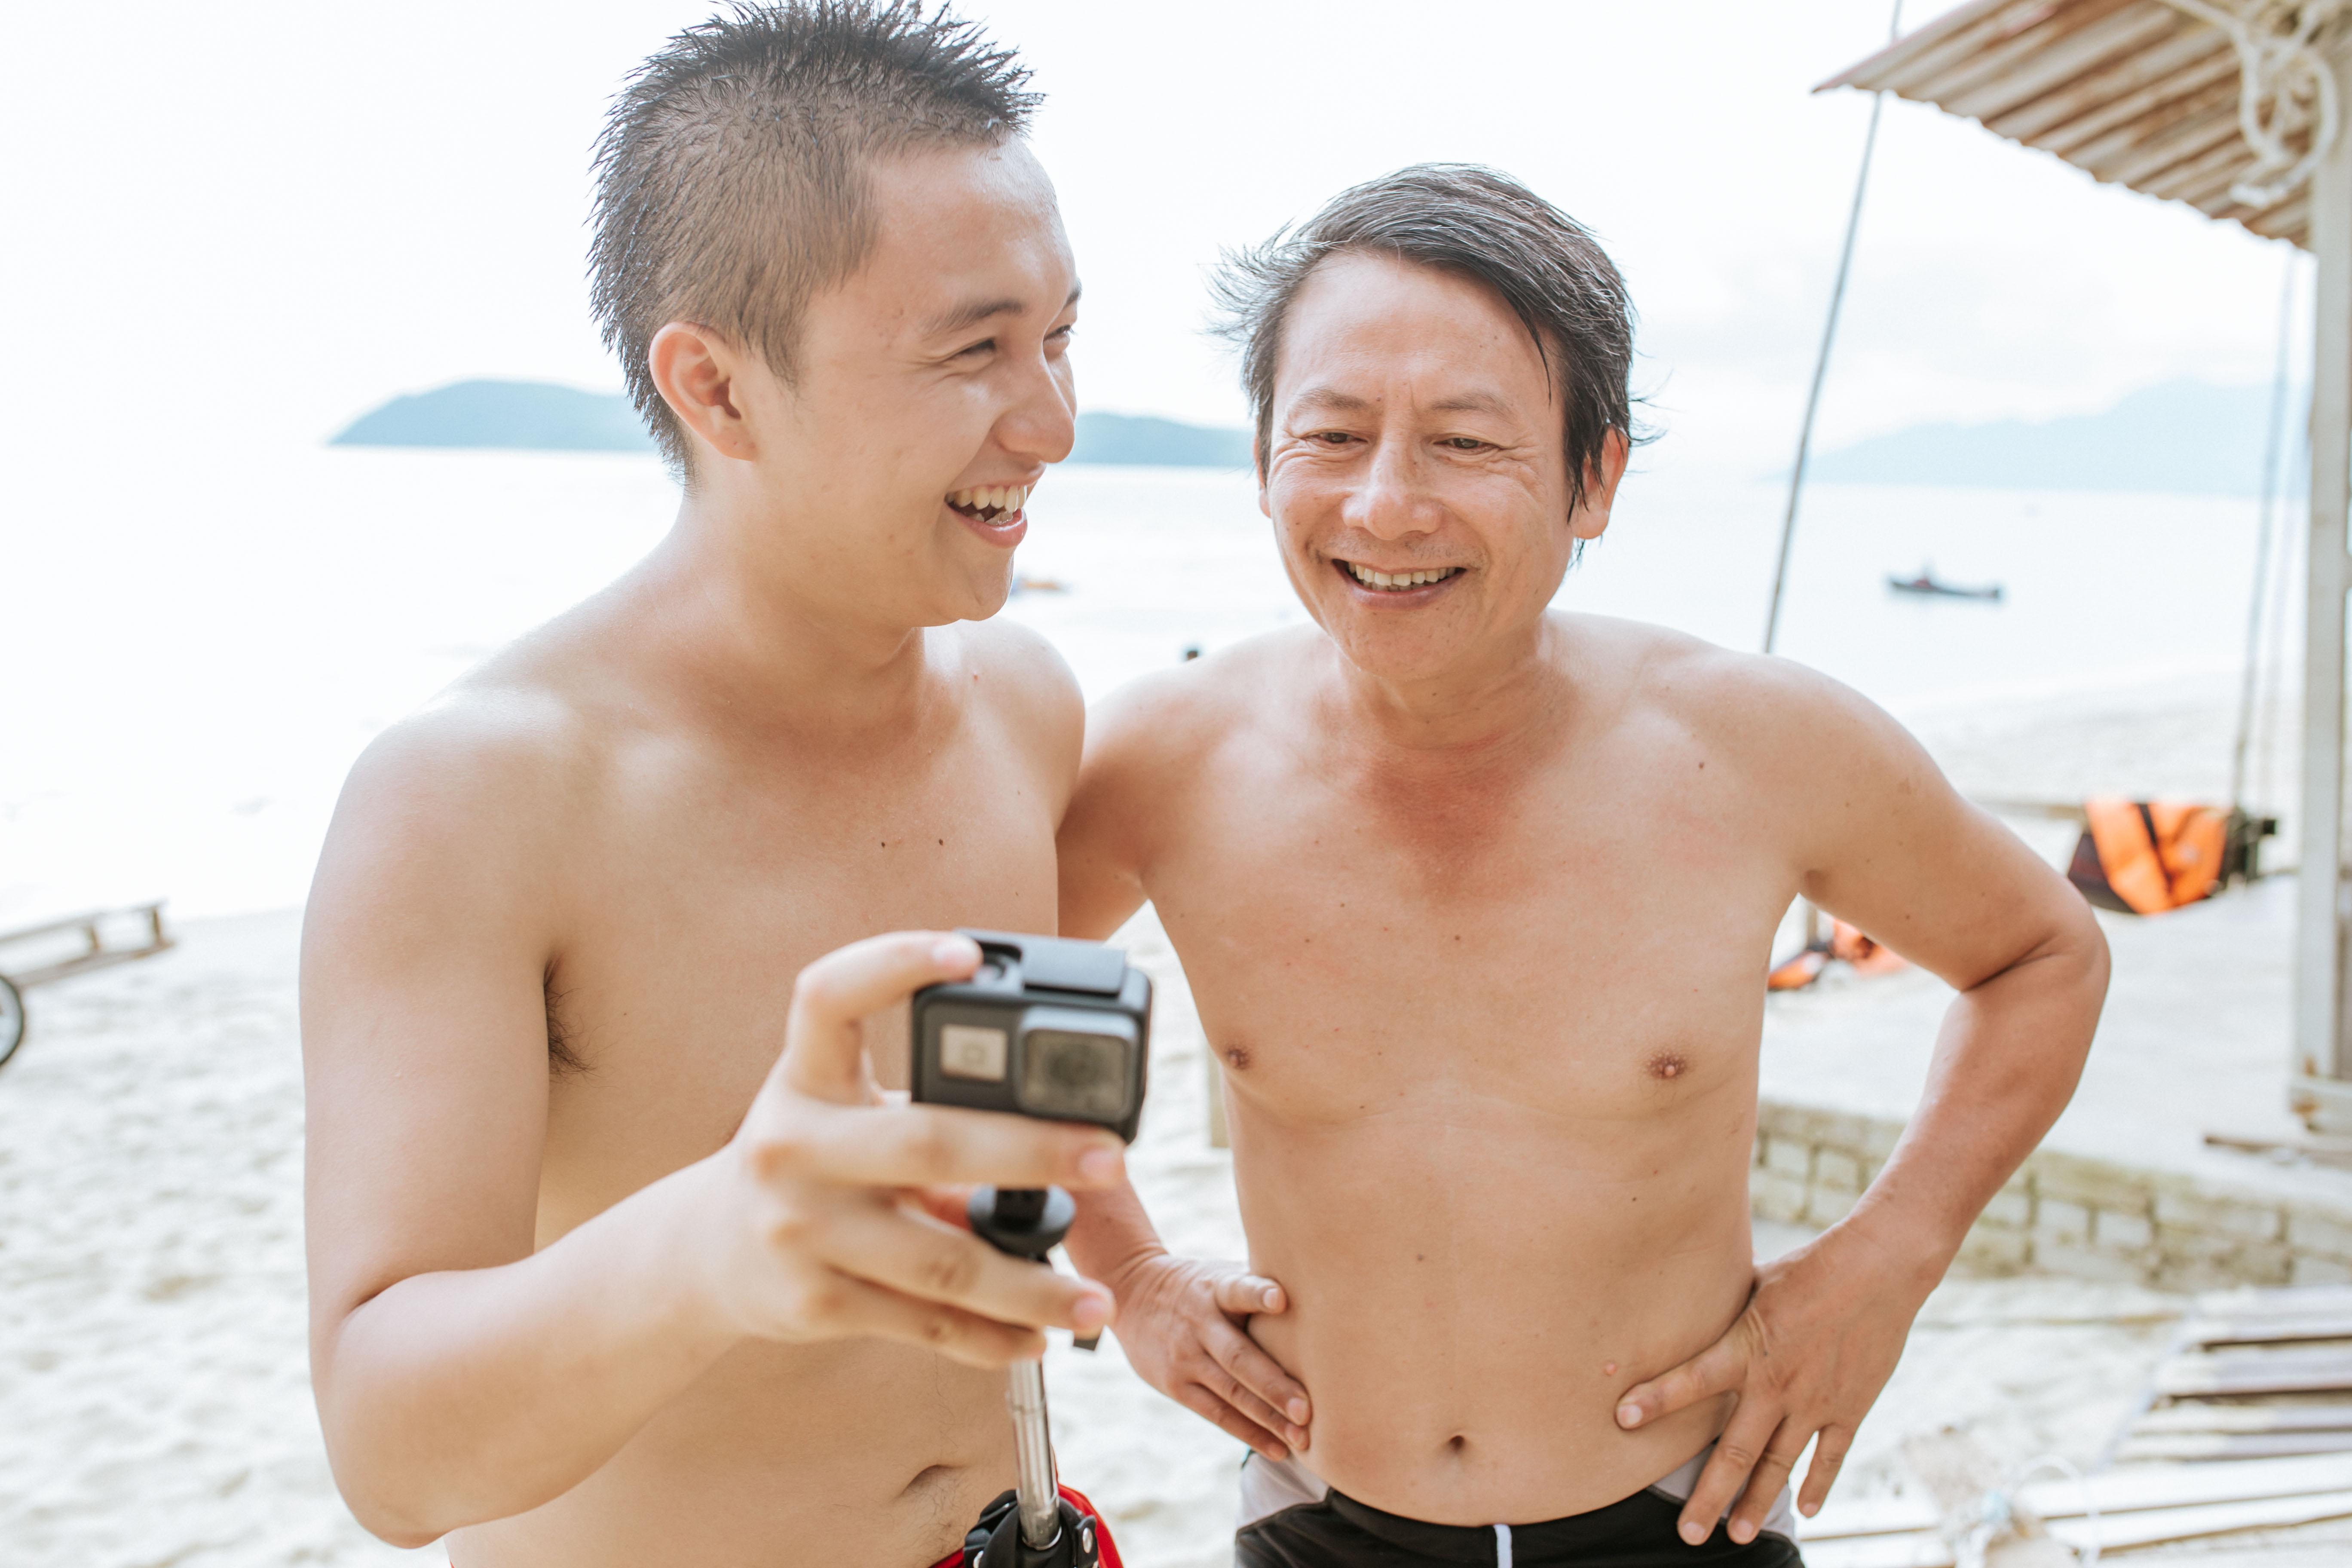 Bạn chọn ai khi muốn đi du lịch, cậu con trai Nghệ An 24 tuổi này rủ ông bố 60 tuổi, và họ có những trải nghiệm cùng nhau lần đầu tiên! - Ảnh 23.